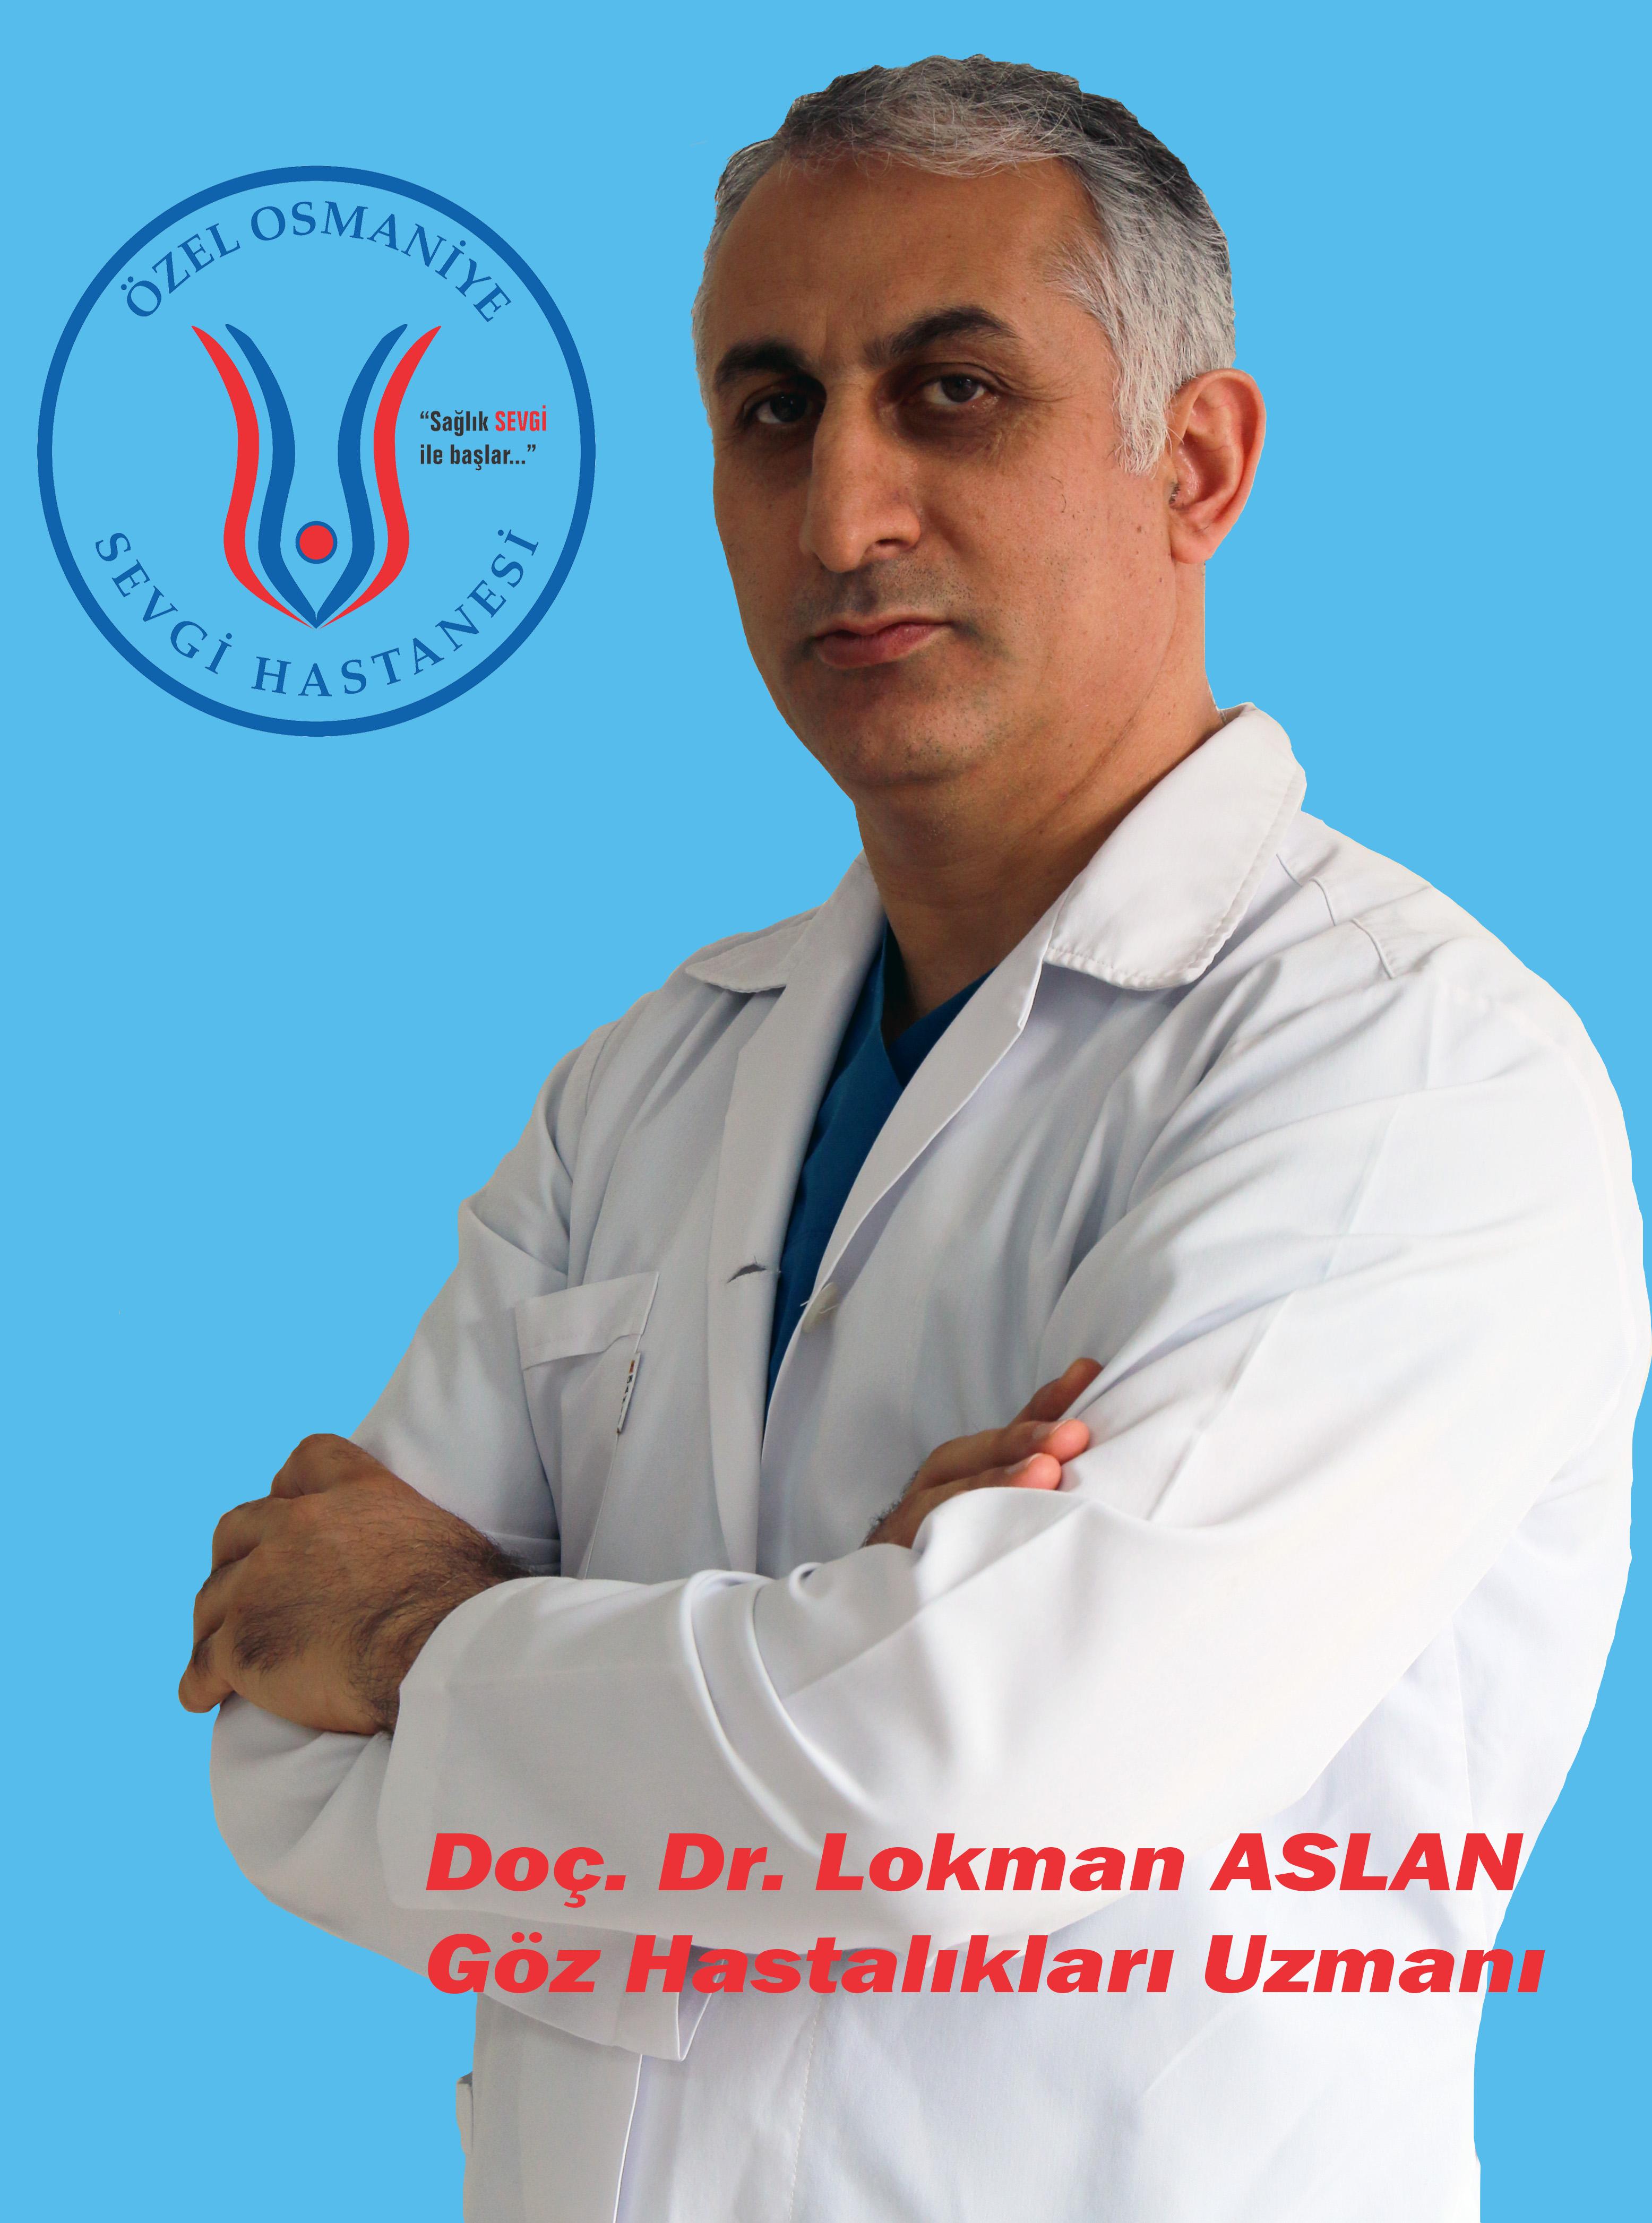 Doç. Dr. Lokman ASLAN / Göz Hastalıkları Uzmanı